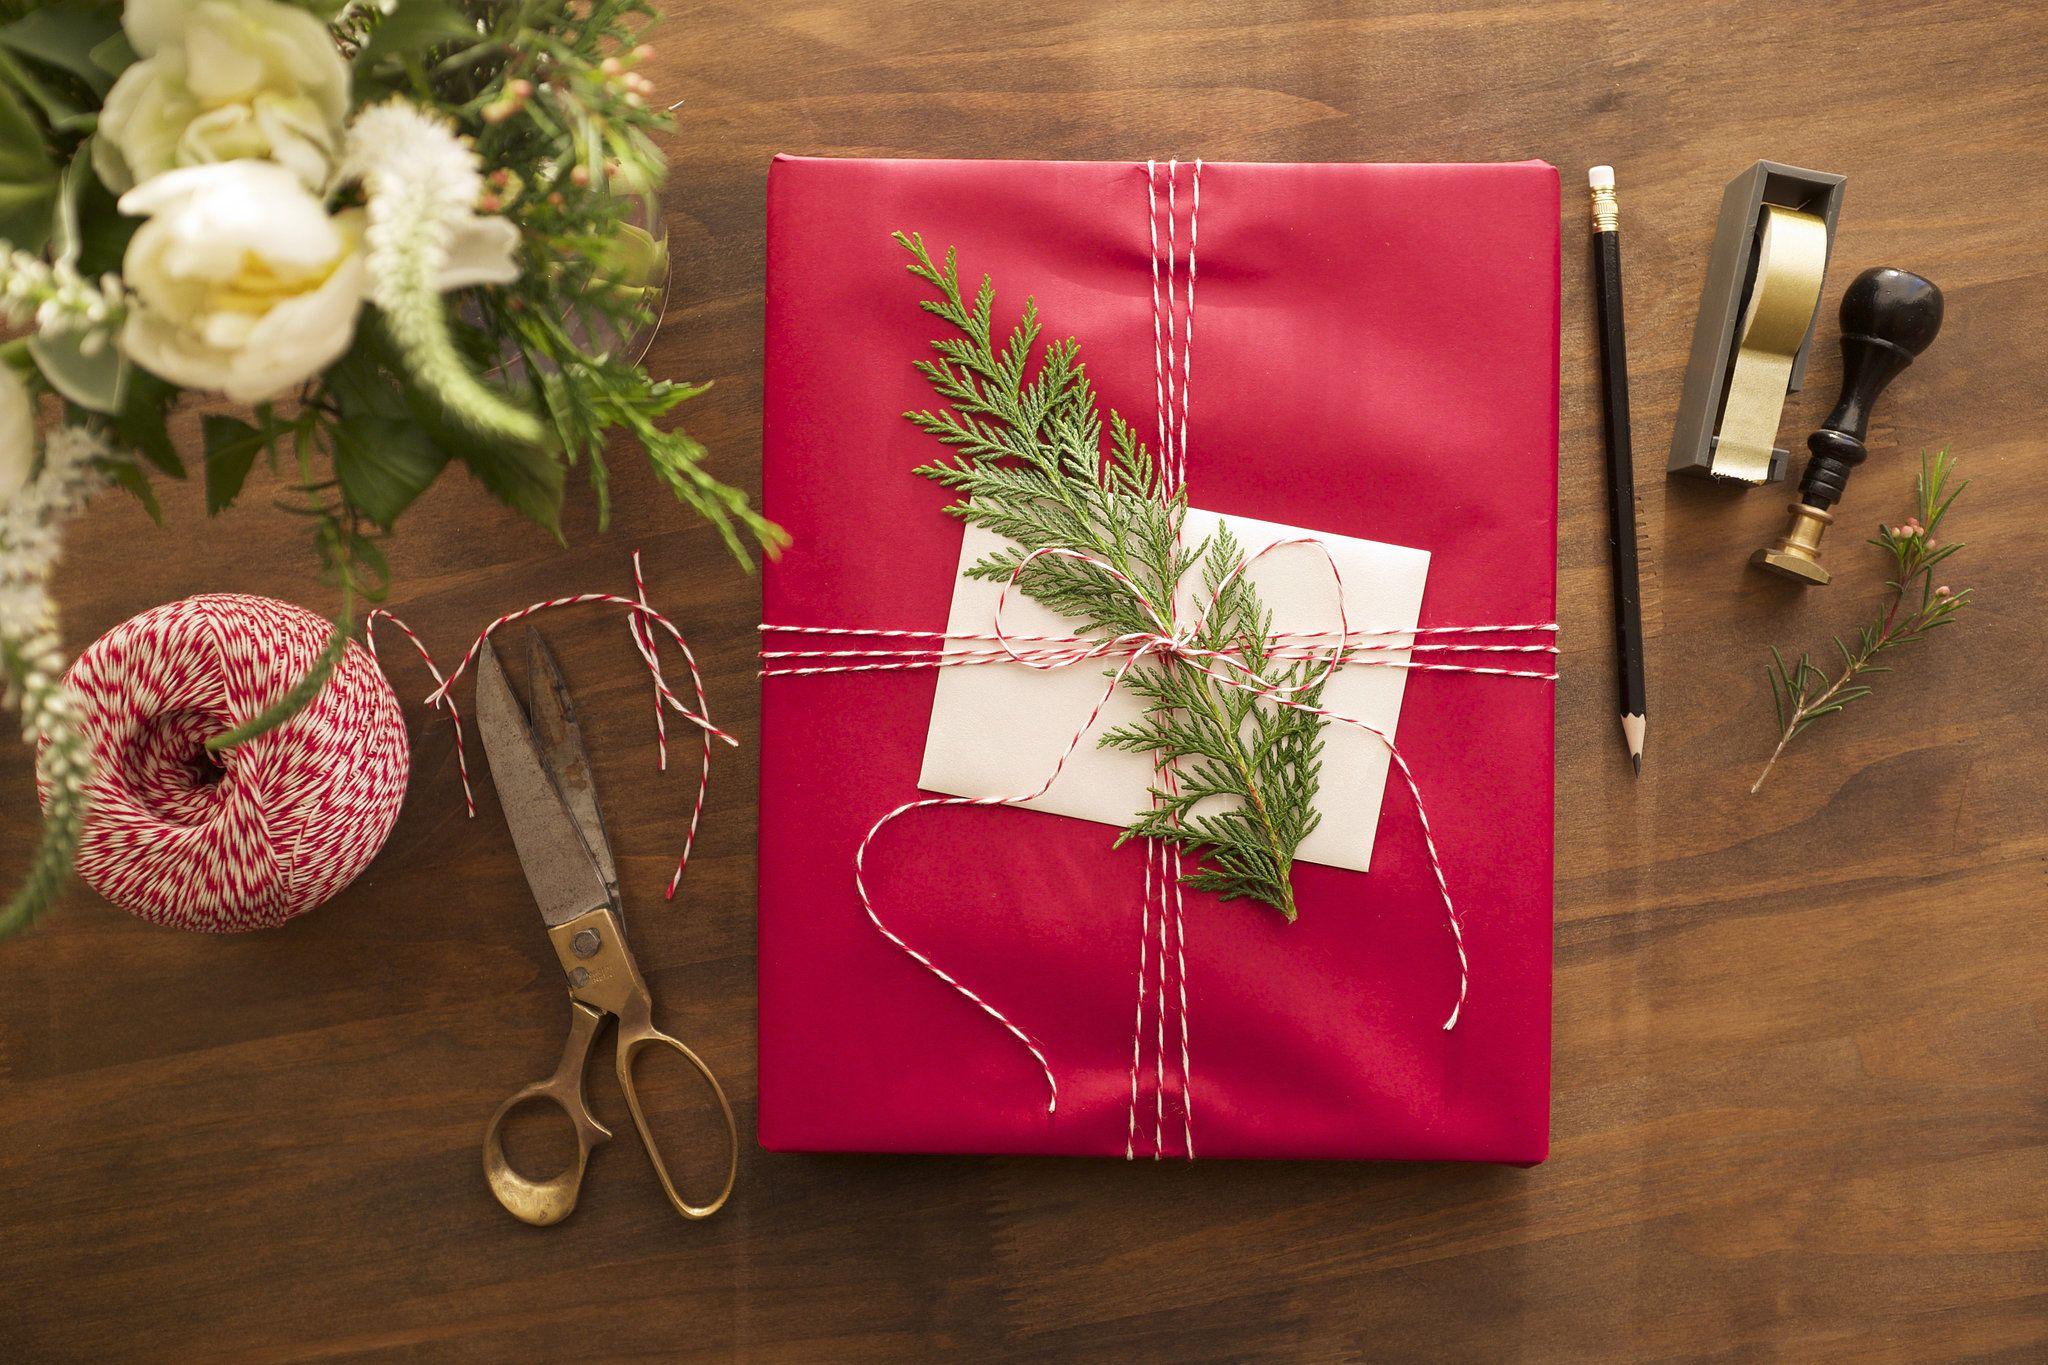 Shh! 5 Websites to Start Your Secret Santa Gift Exchange | Secret ...